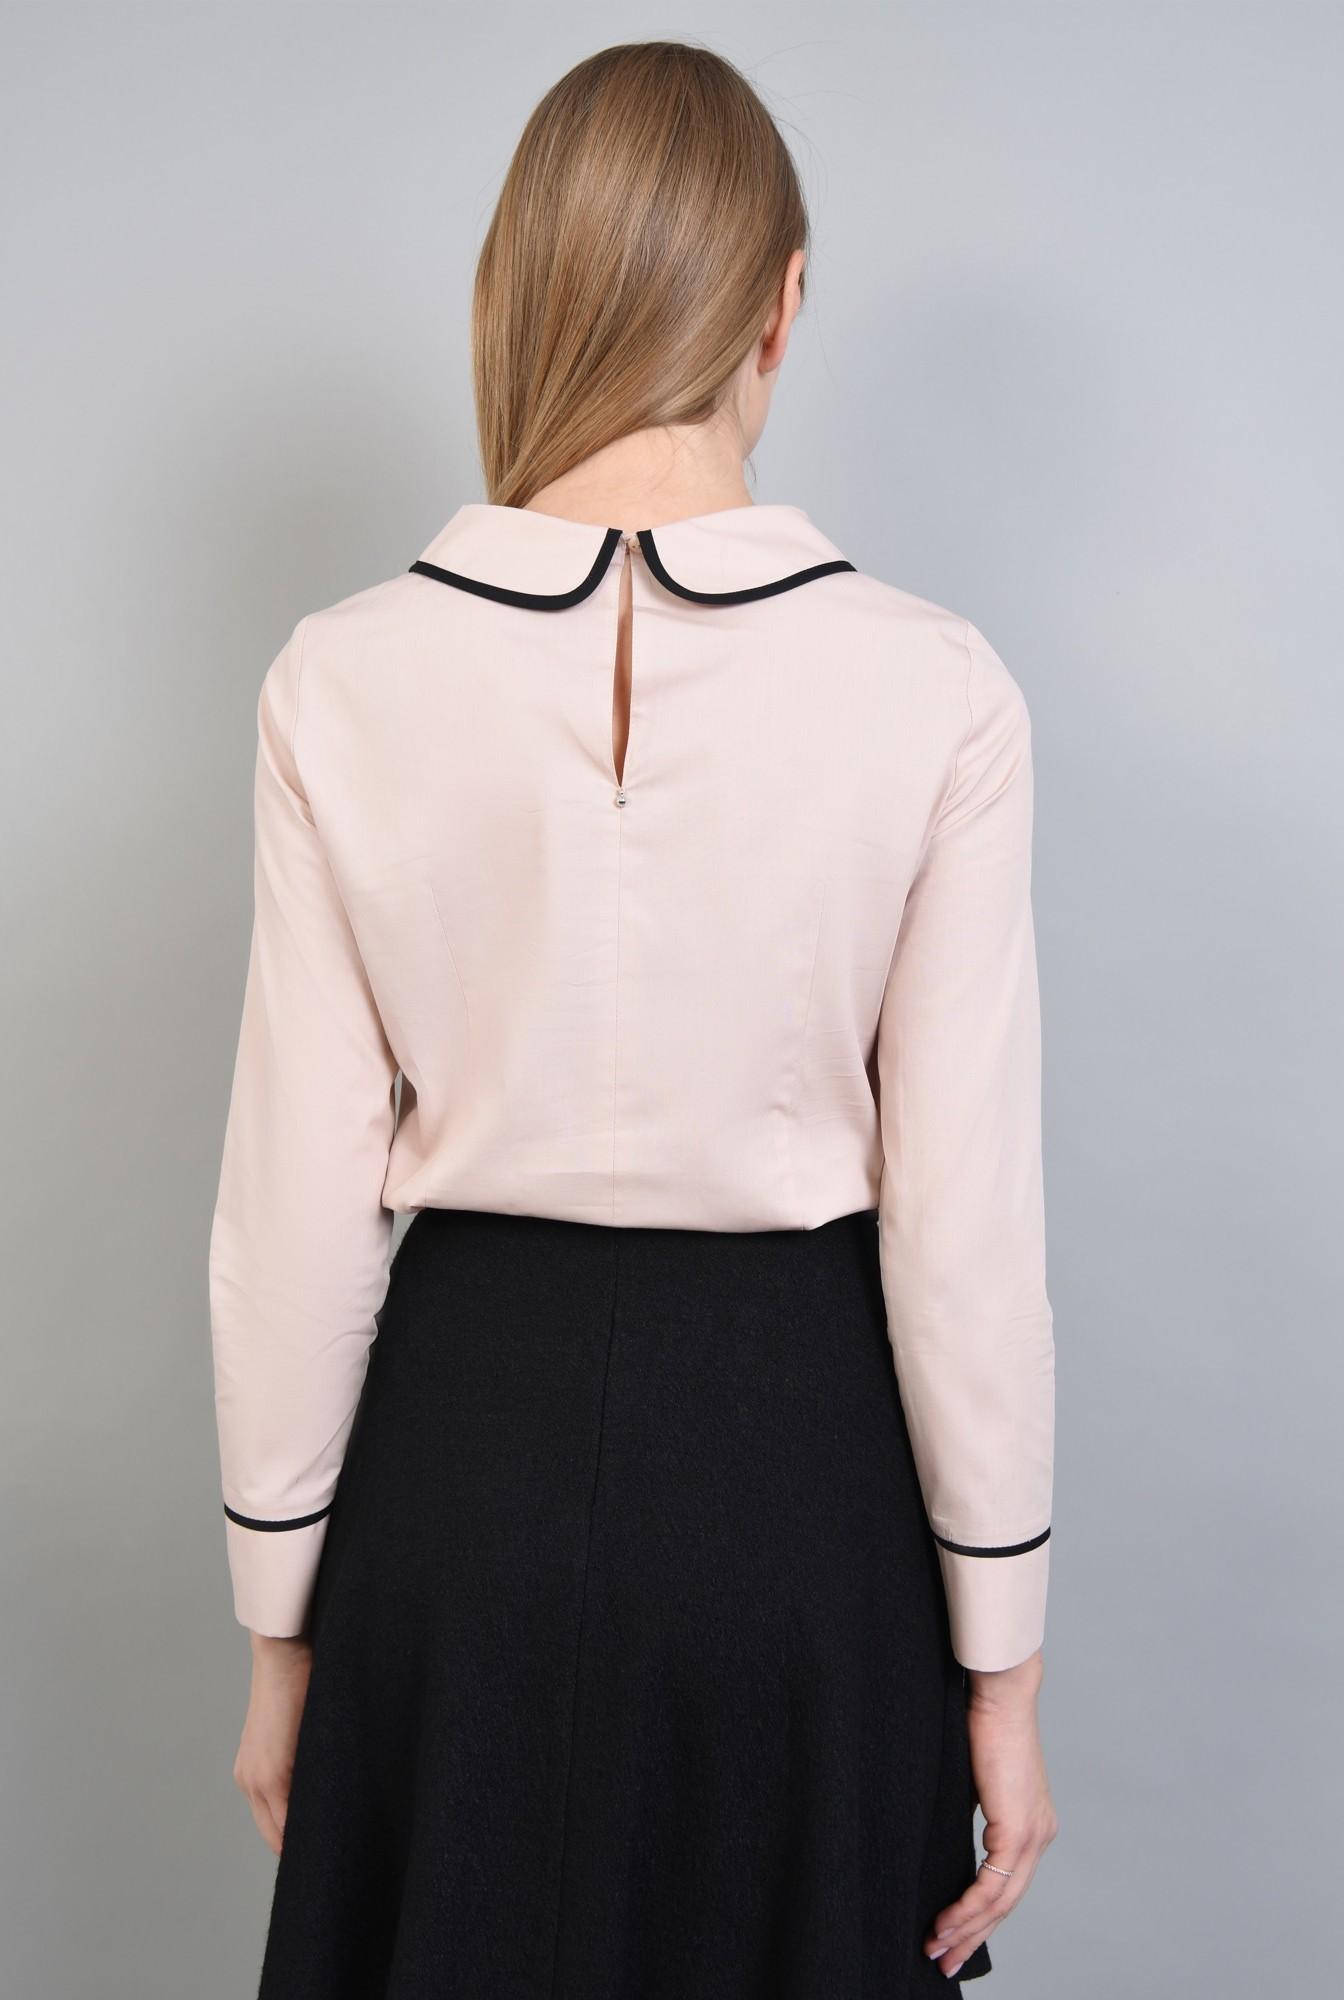 1 - Bluza casual, negru, butoniera